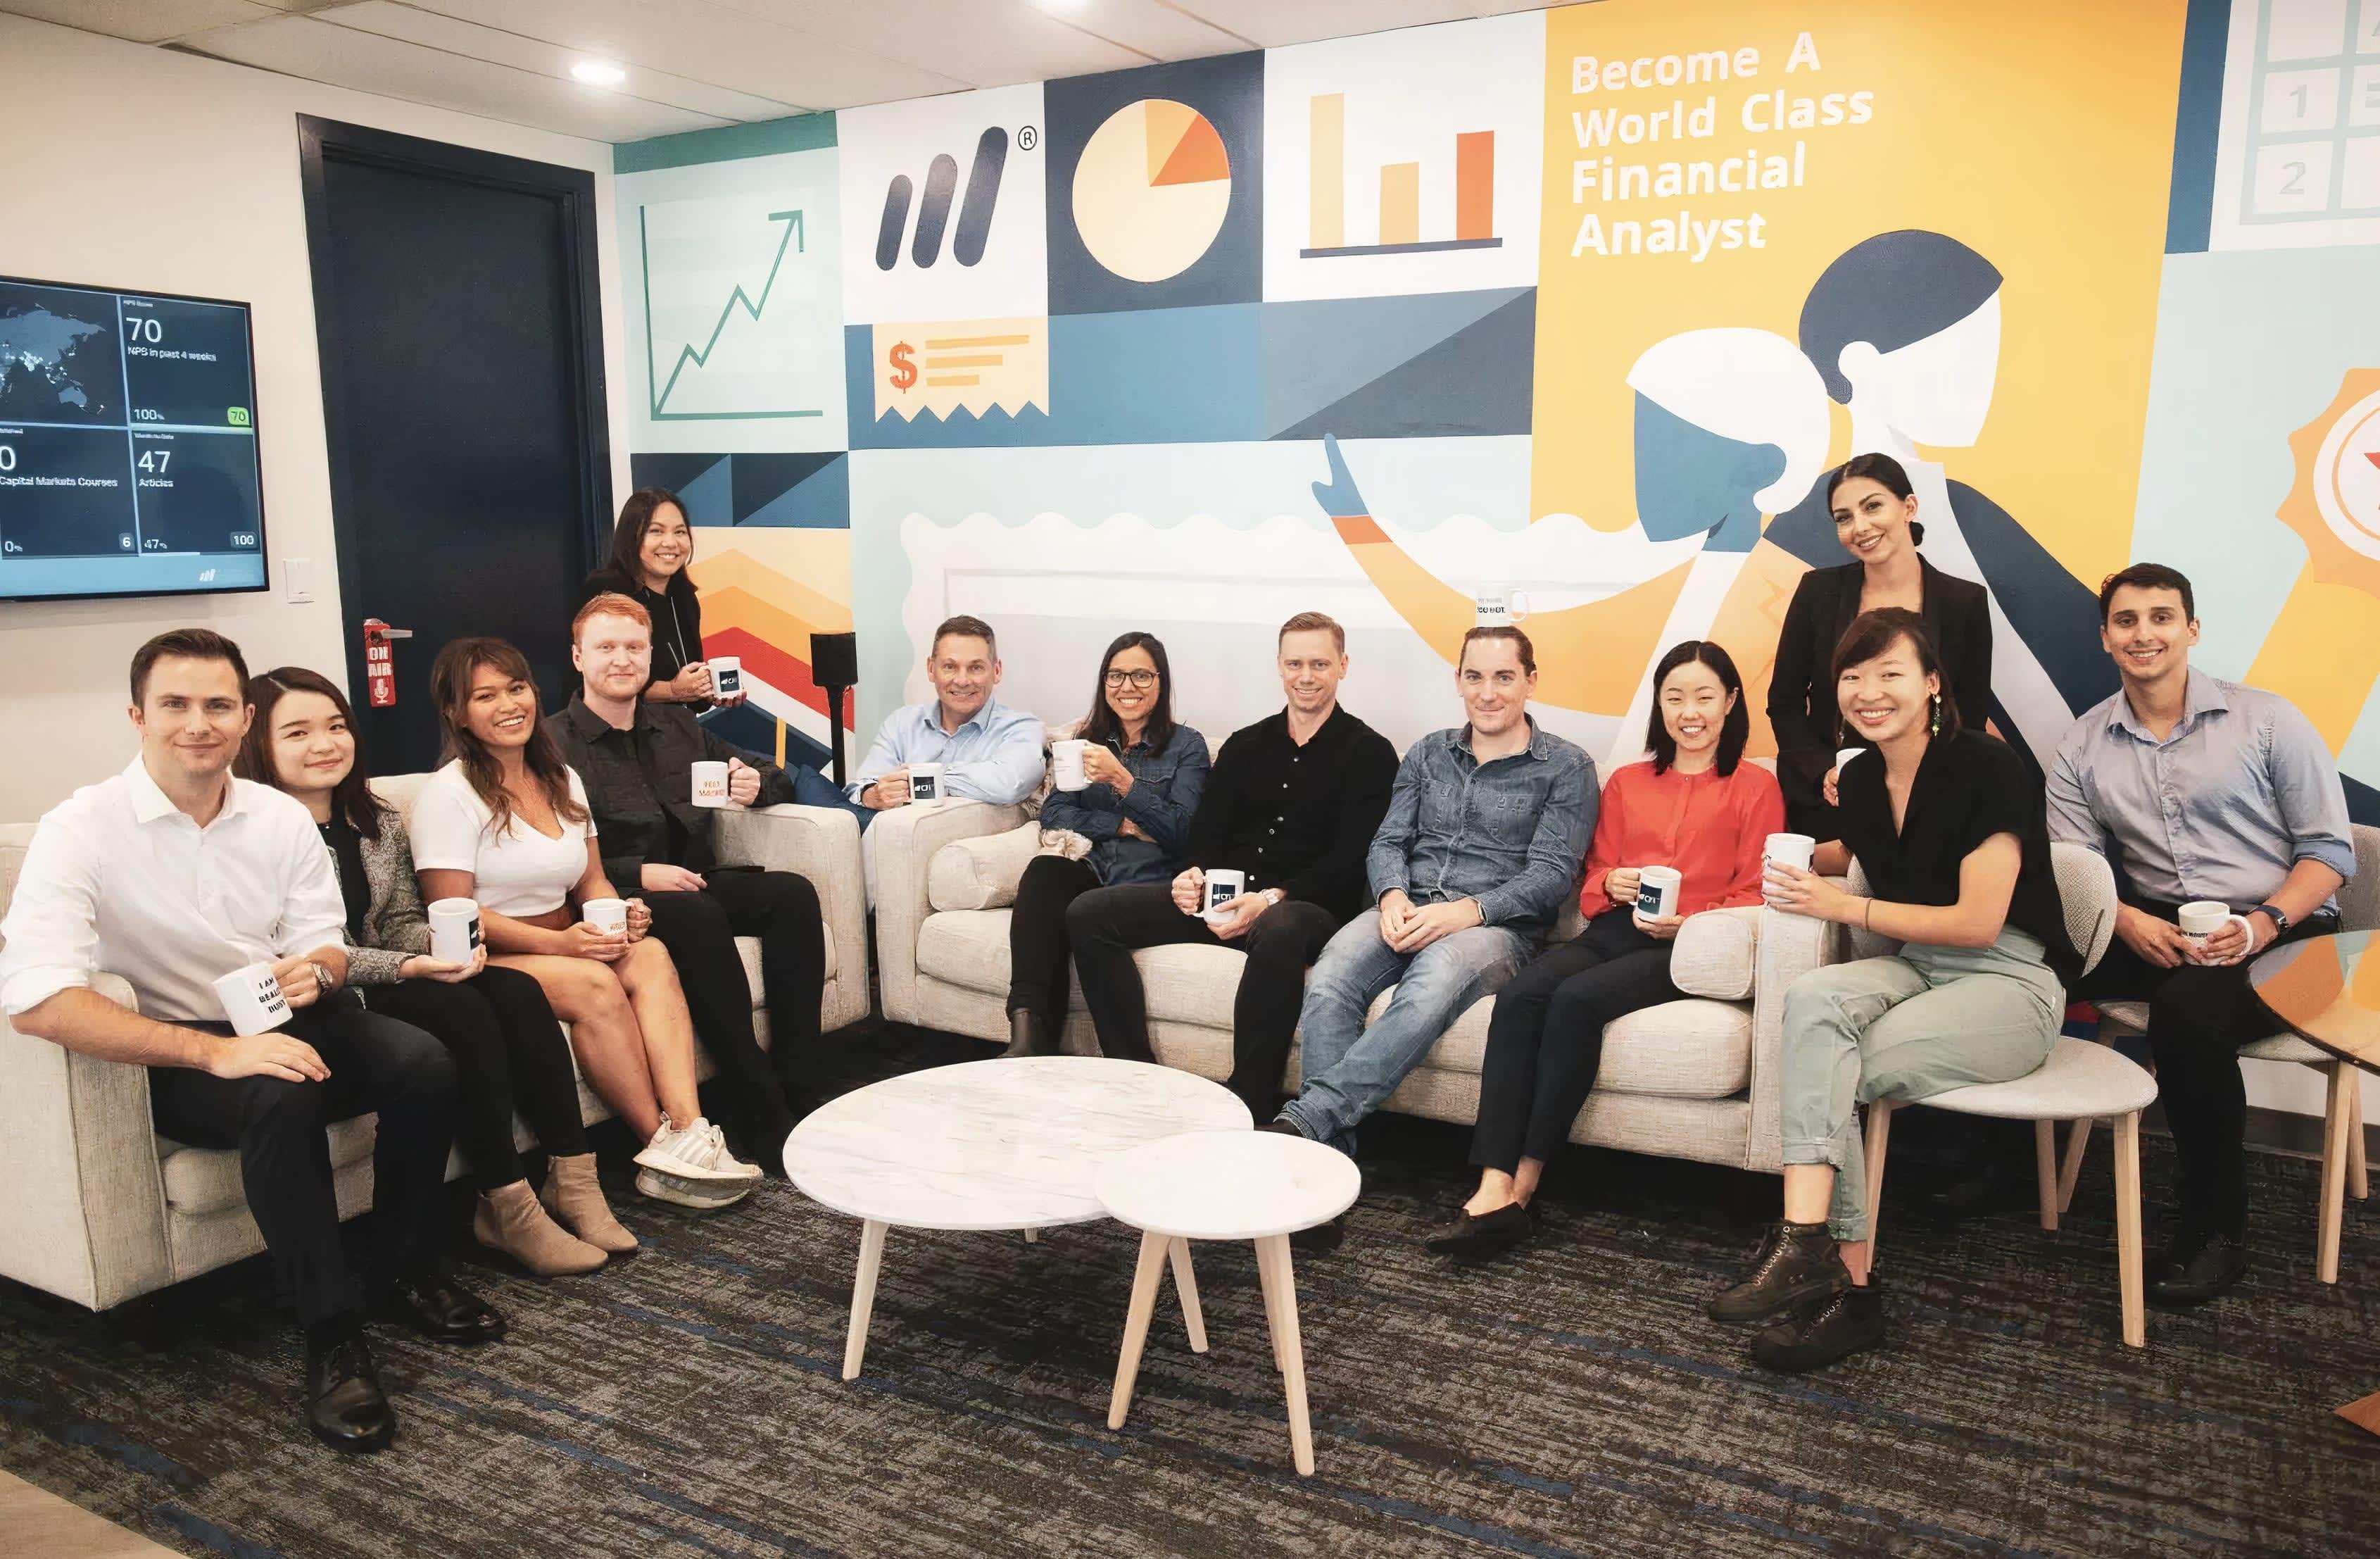 The Corporate Finance Institute (CFI) team